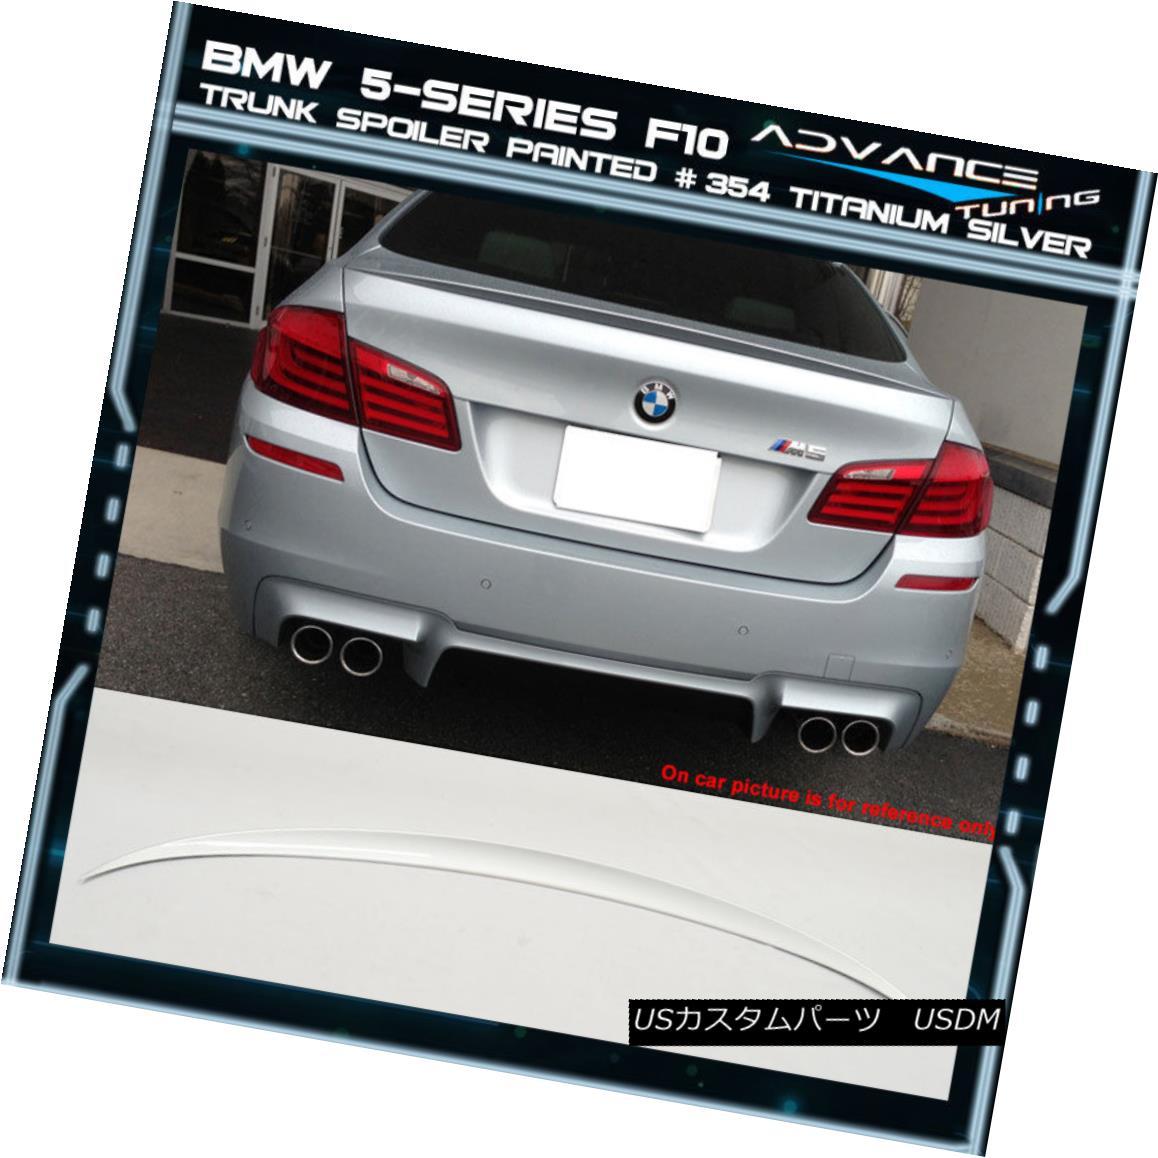 エアロパーツ 11-16 BMW 5-Series F10 M5 Trunk Spoiler OEM Painted Color # 354 Titanium Silver 11-16 BMW 5シリーズF10 M5トランク・スポイラーOEM塗装カラー#354チタン・シルバー